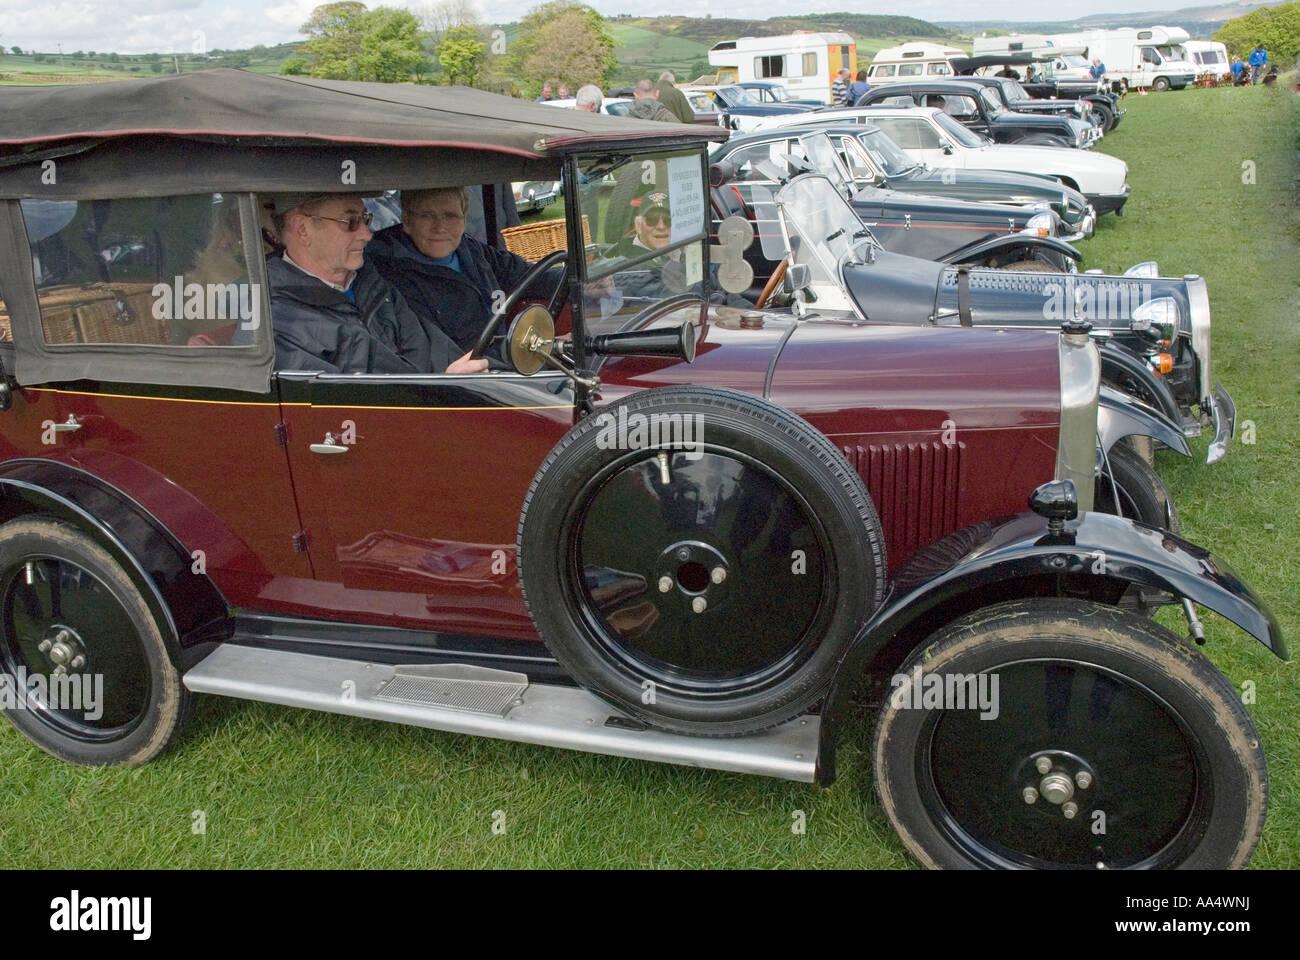 Singer Vintage Car Stock Photos & Singer Vintage Car Stock Images ...